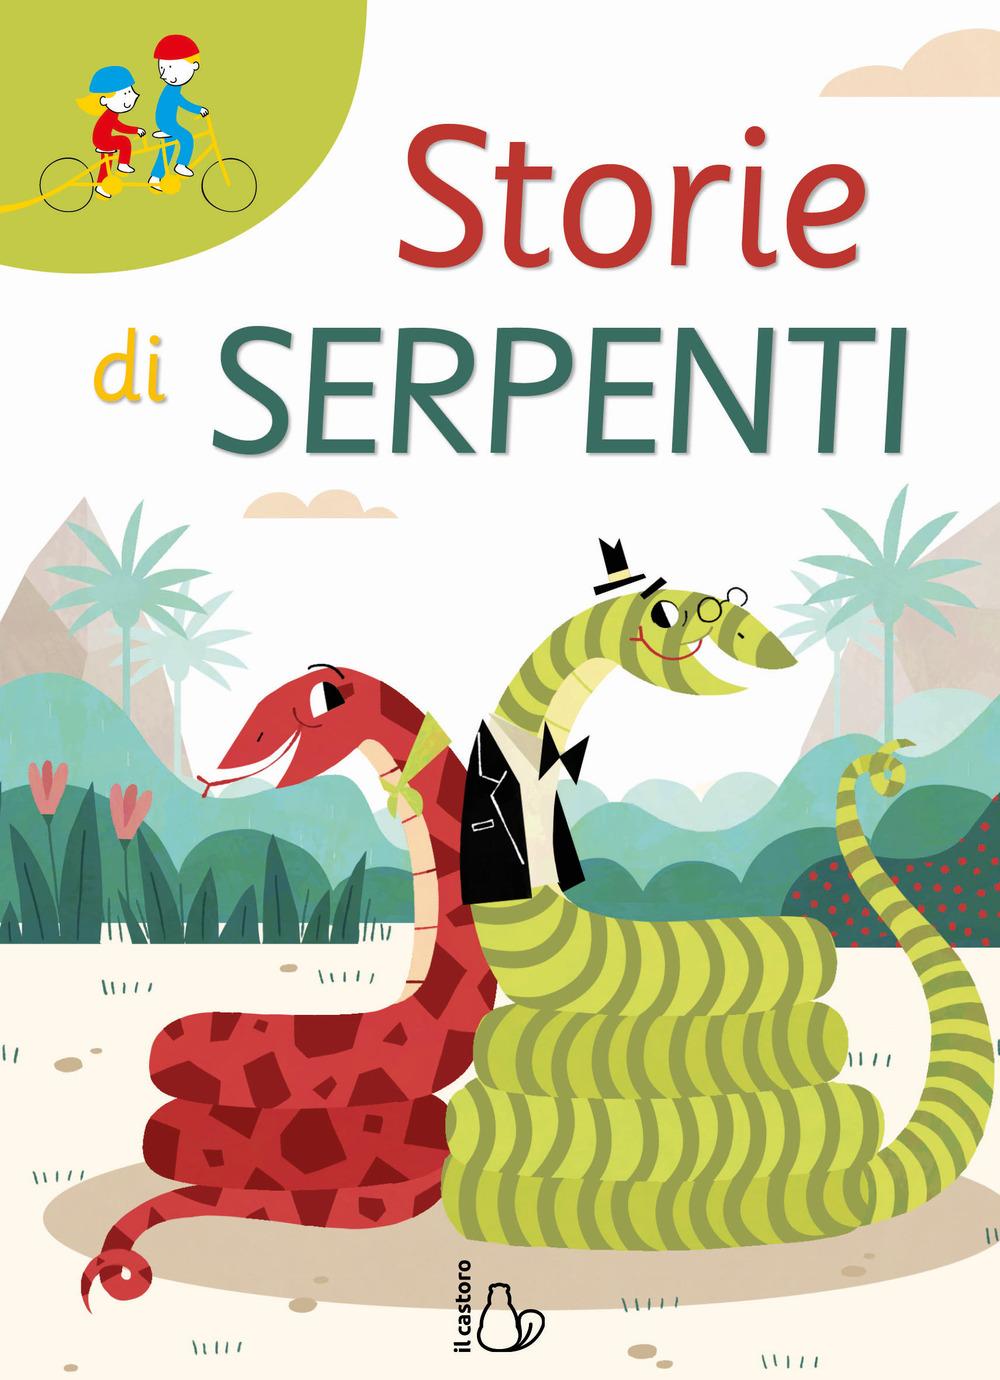 Storie di serpenti